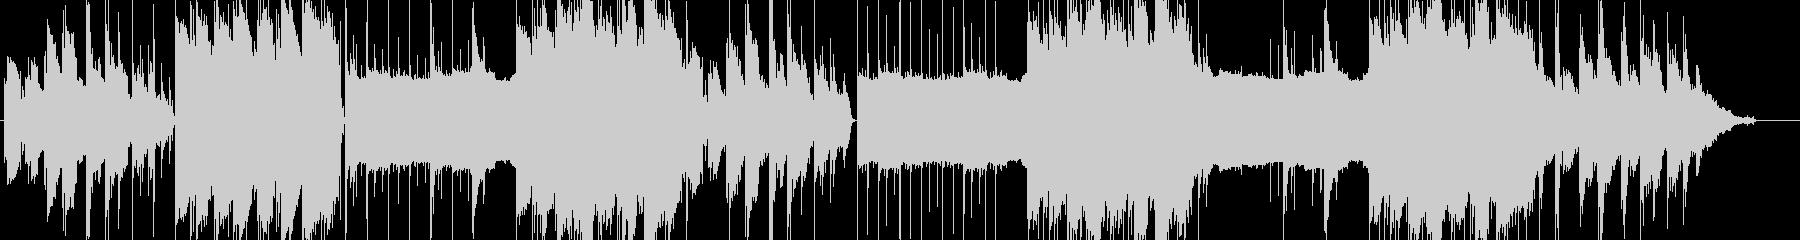 lofi風さわやかなピアノBGM2の未再生の波形